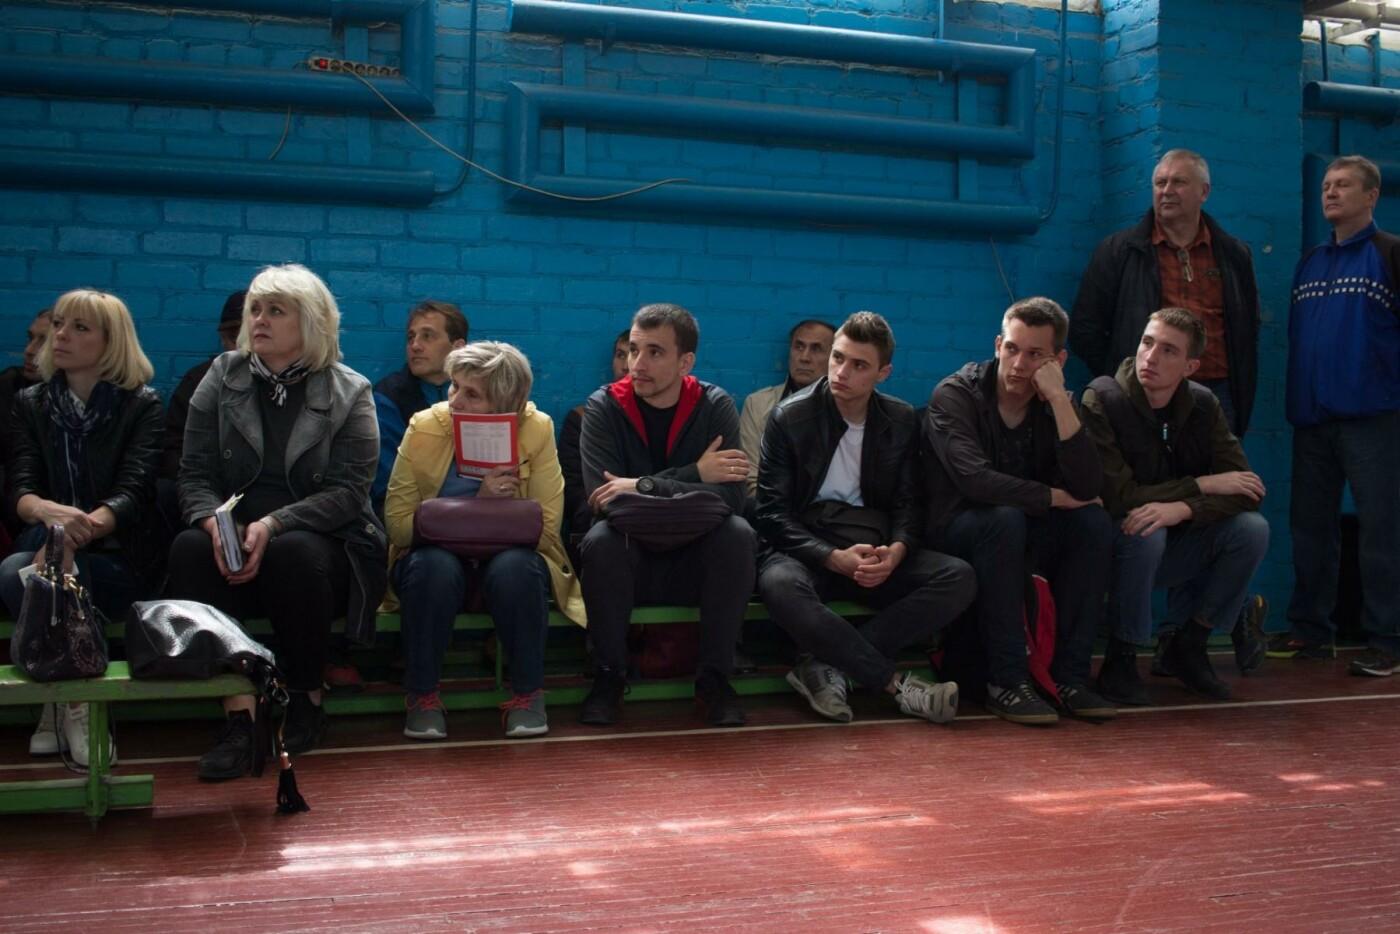 Дружковка: Областной семинар для баскетбольных тренеров провели в спорткомплексе «Грета», фото-1